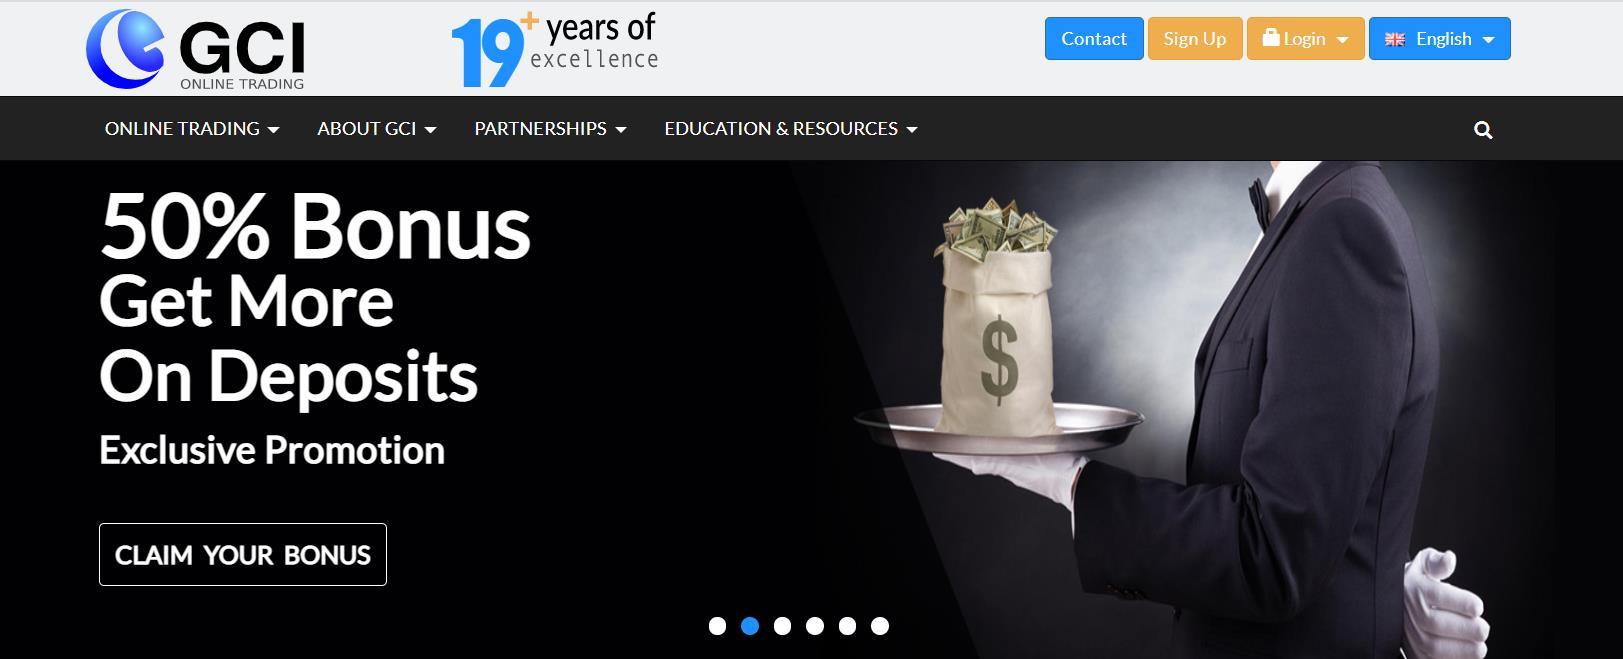 официальный сайт gci